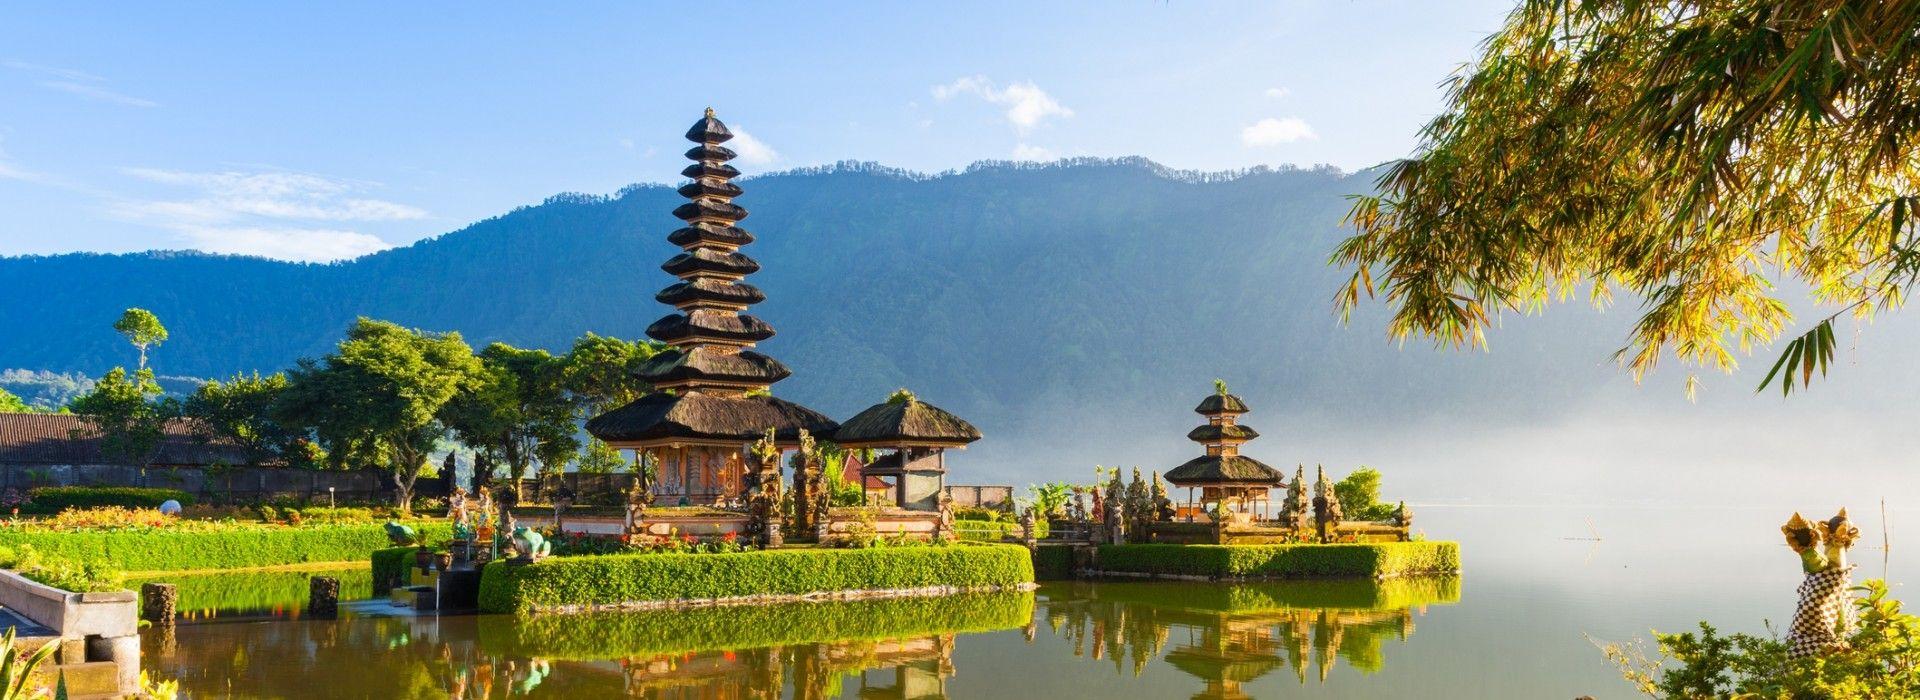 Explorer Tours in Ubud